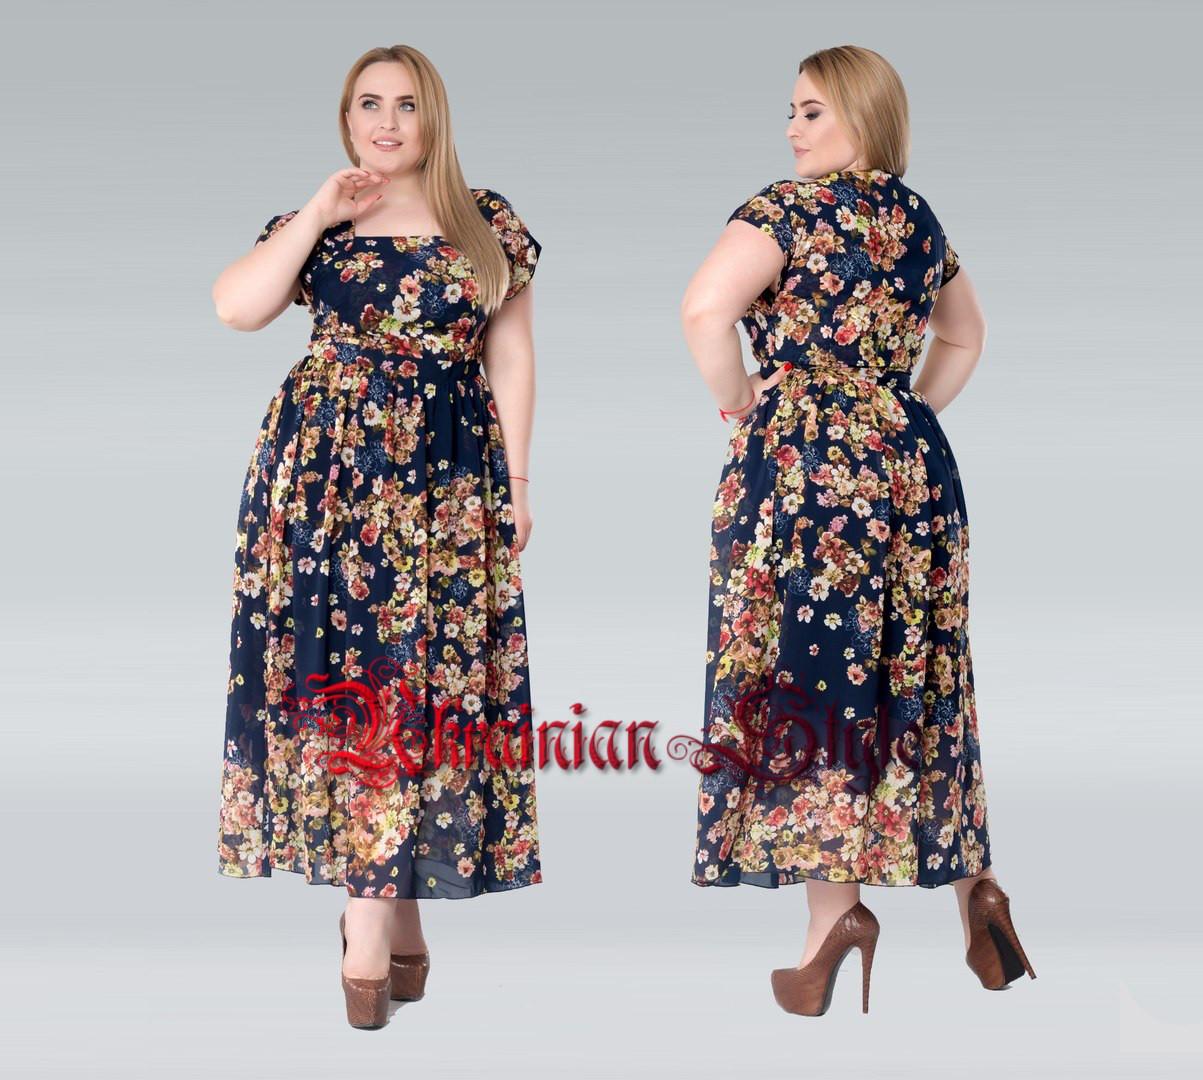 d98717e9183 Летнее длинное шифоновое платье с цветочным рисунком. Батал. Цвета! -  Интернет-магазин